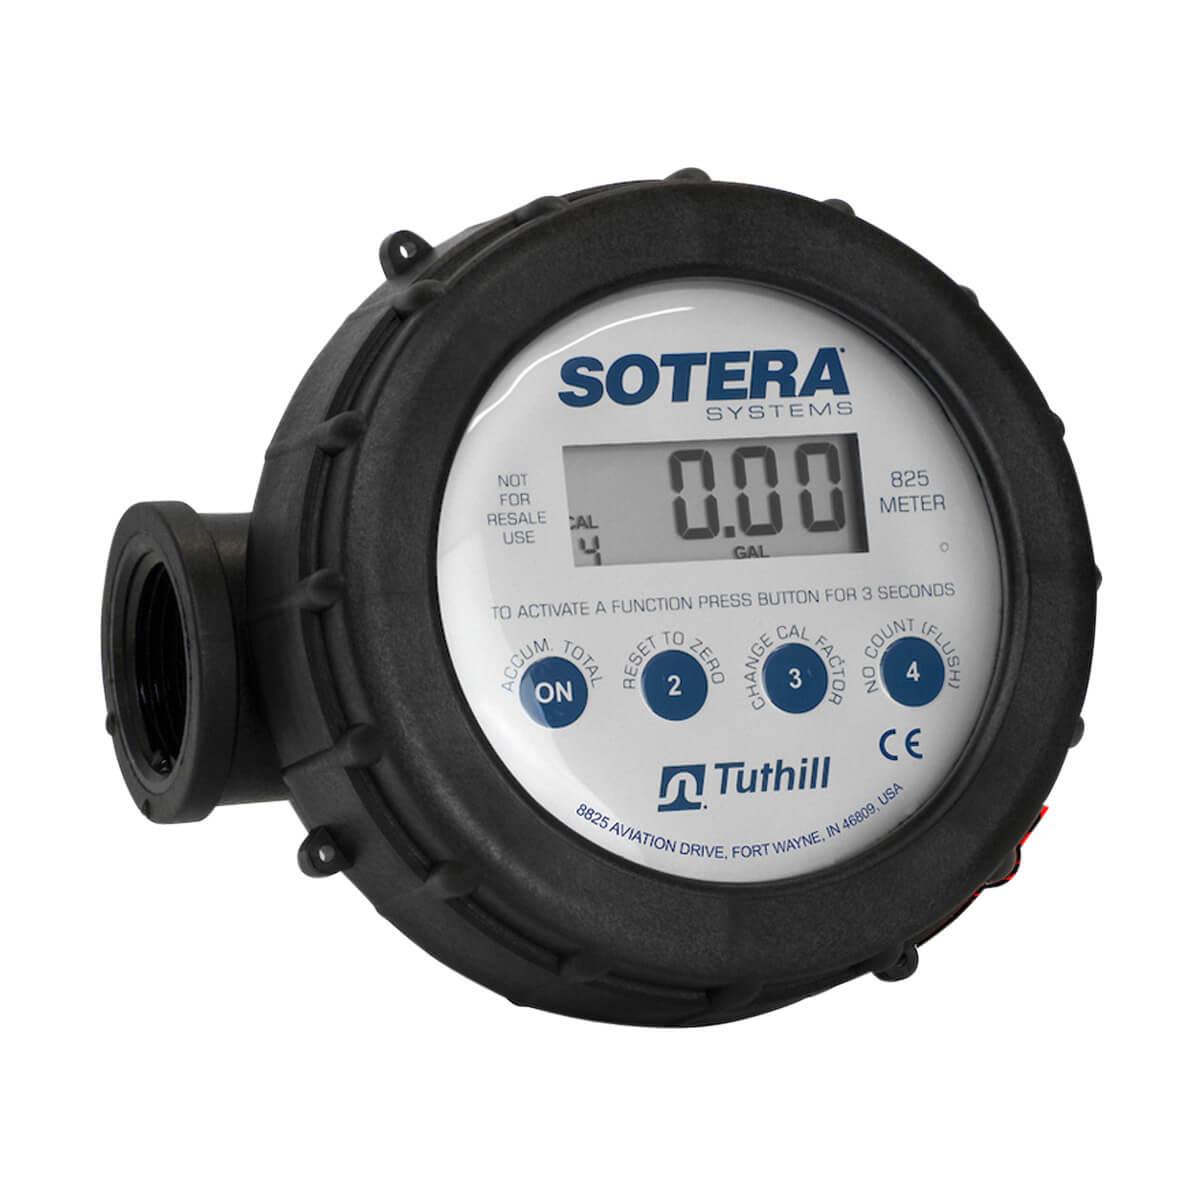 Digital Fuel Meter 2-20 GPM